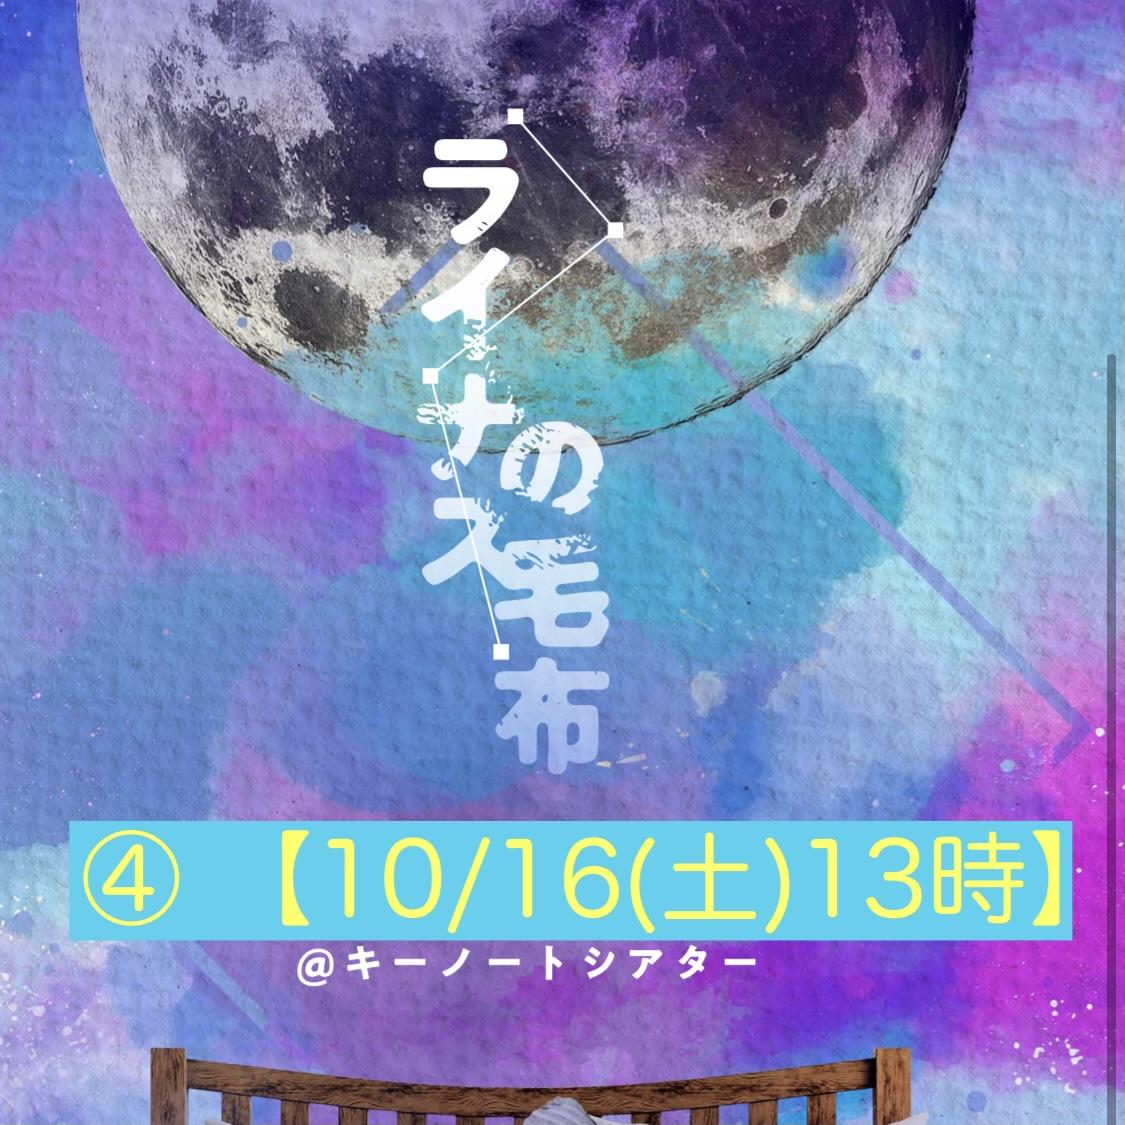 _04【10/16(土)13時】 『ライナスの毛布』